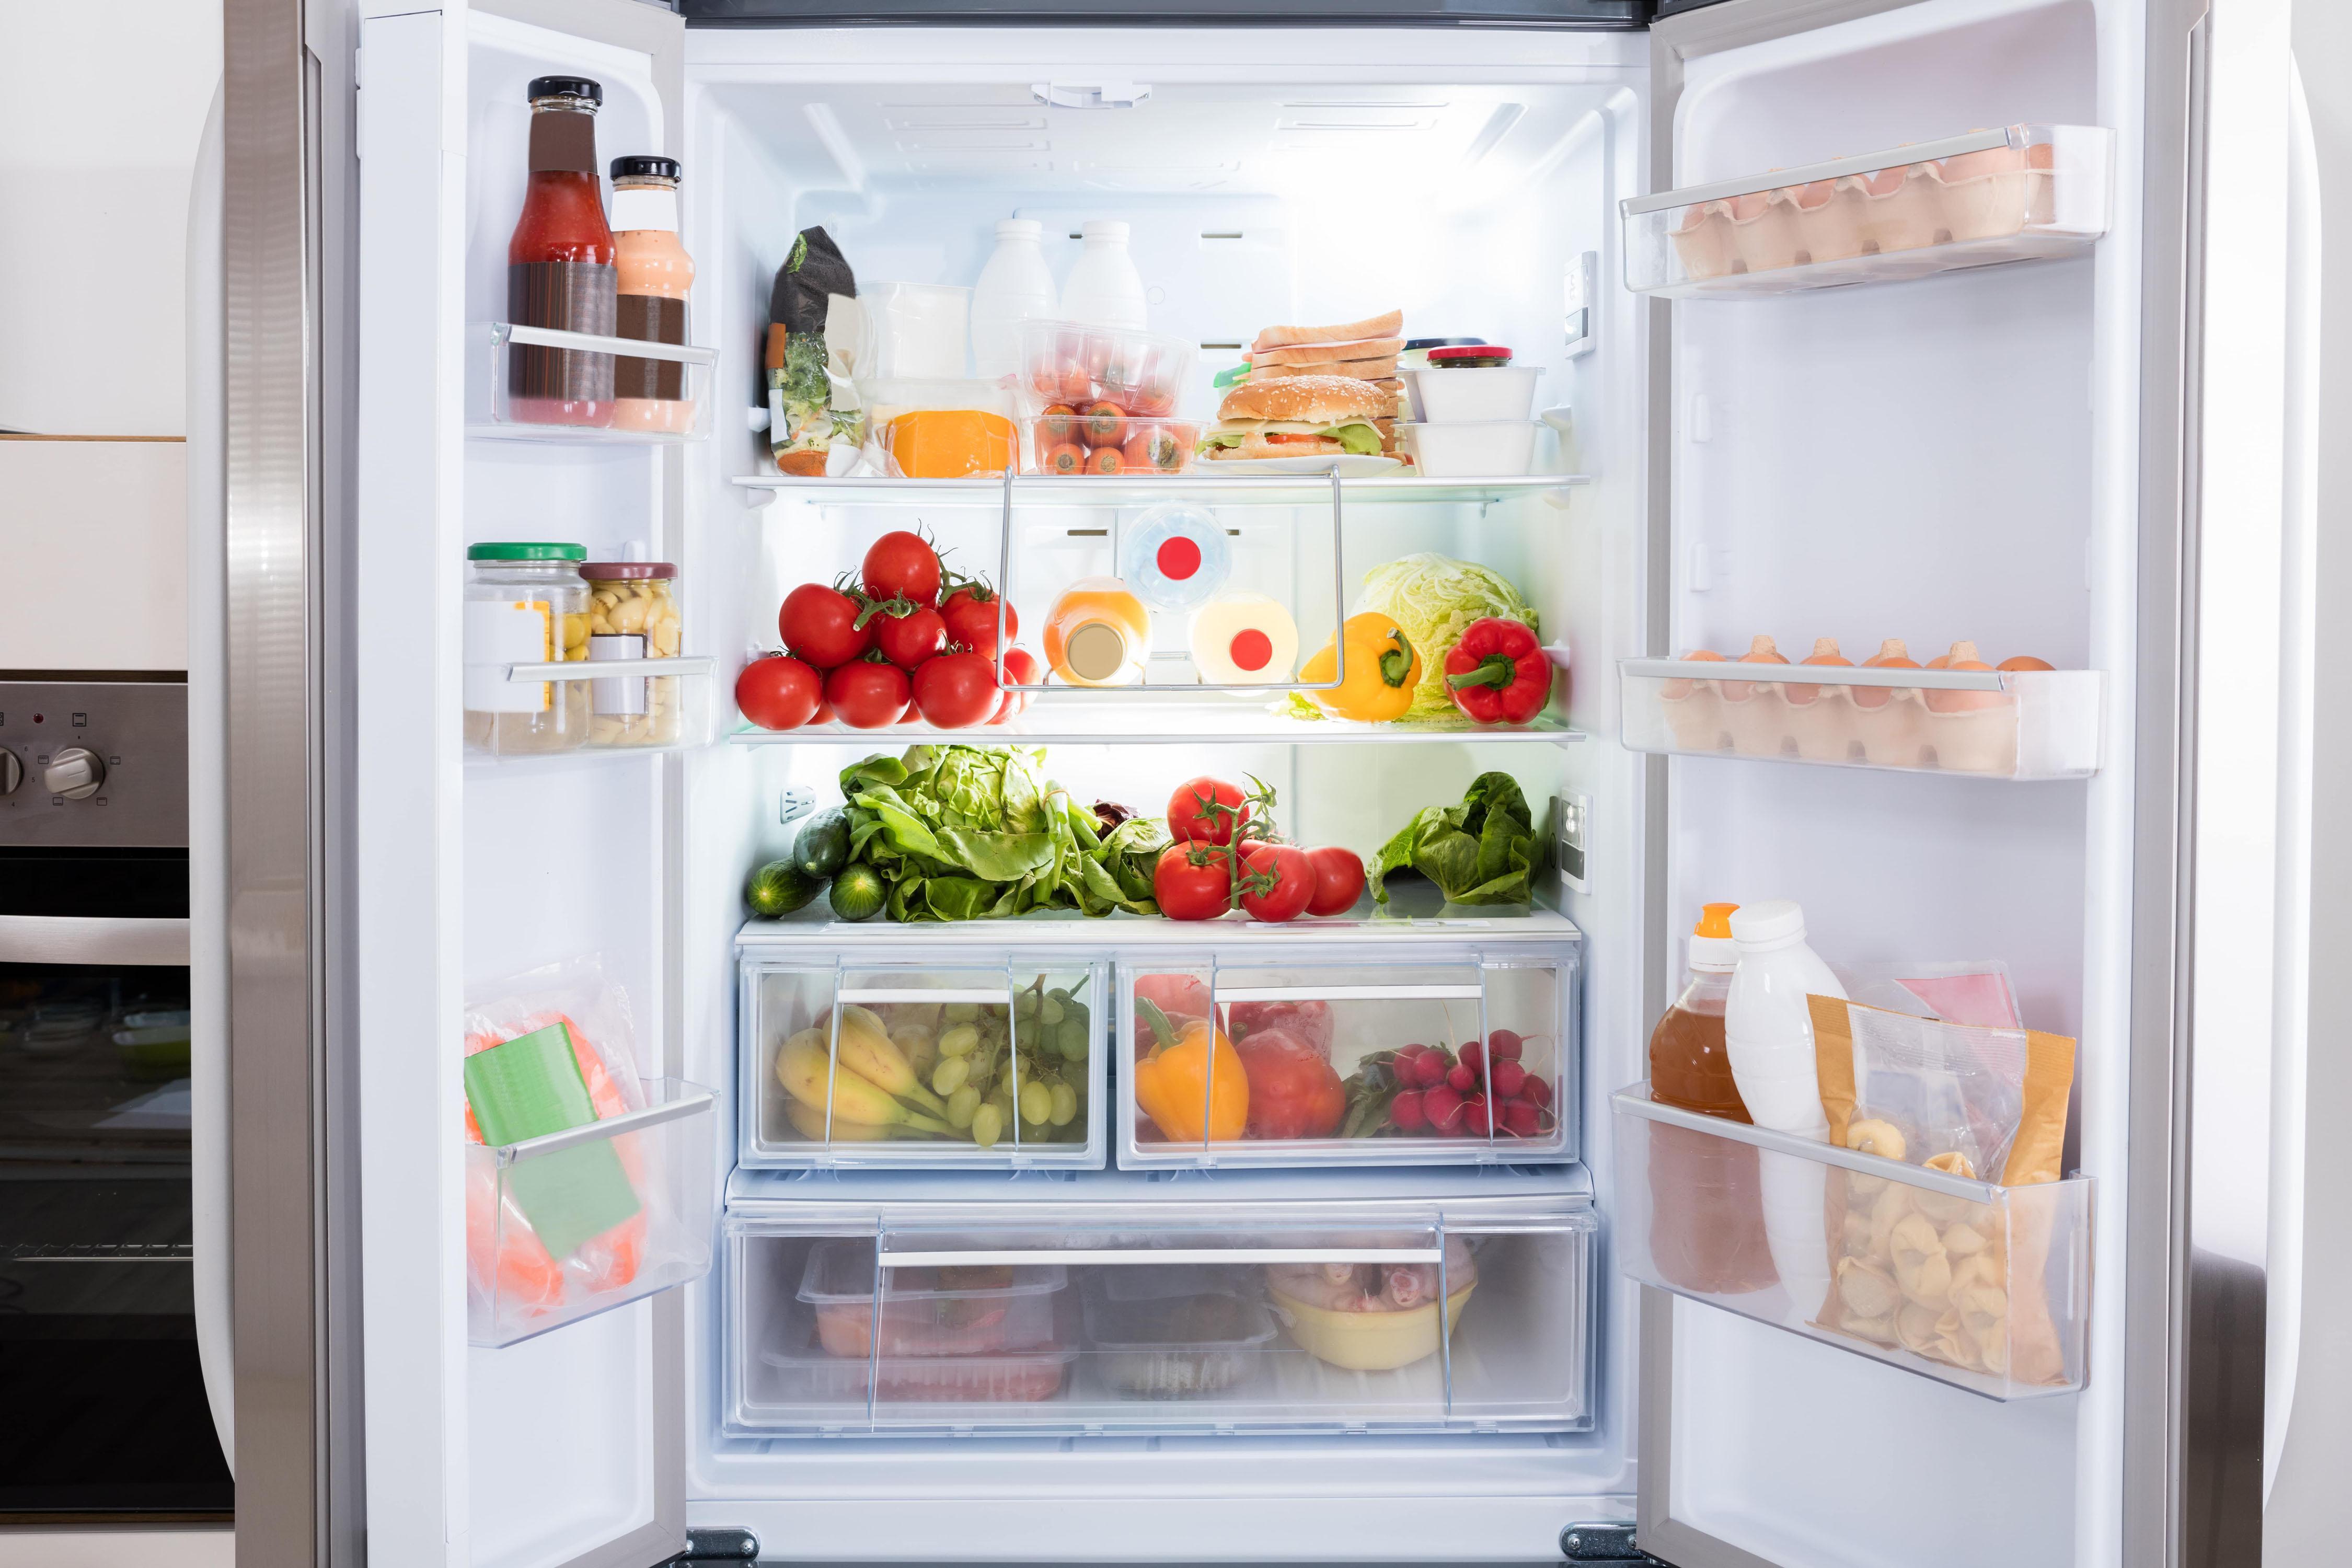 Podarili bomo velik hladilnik